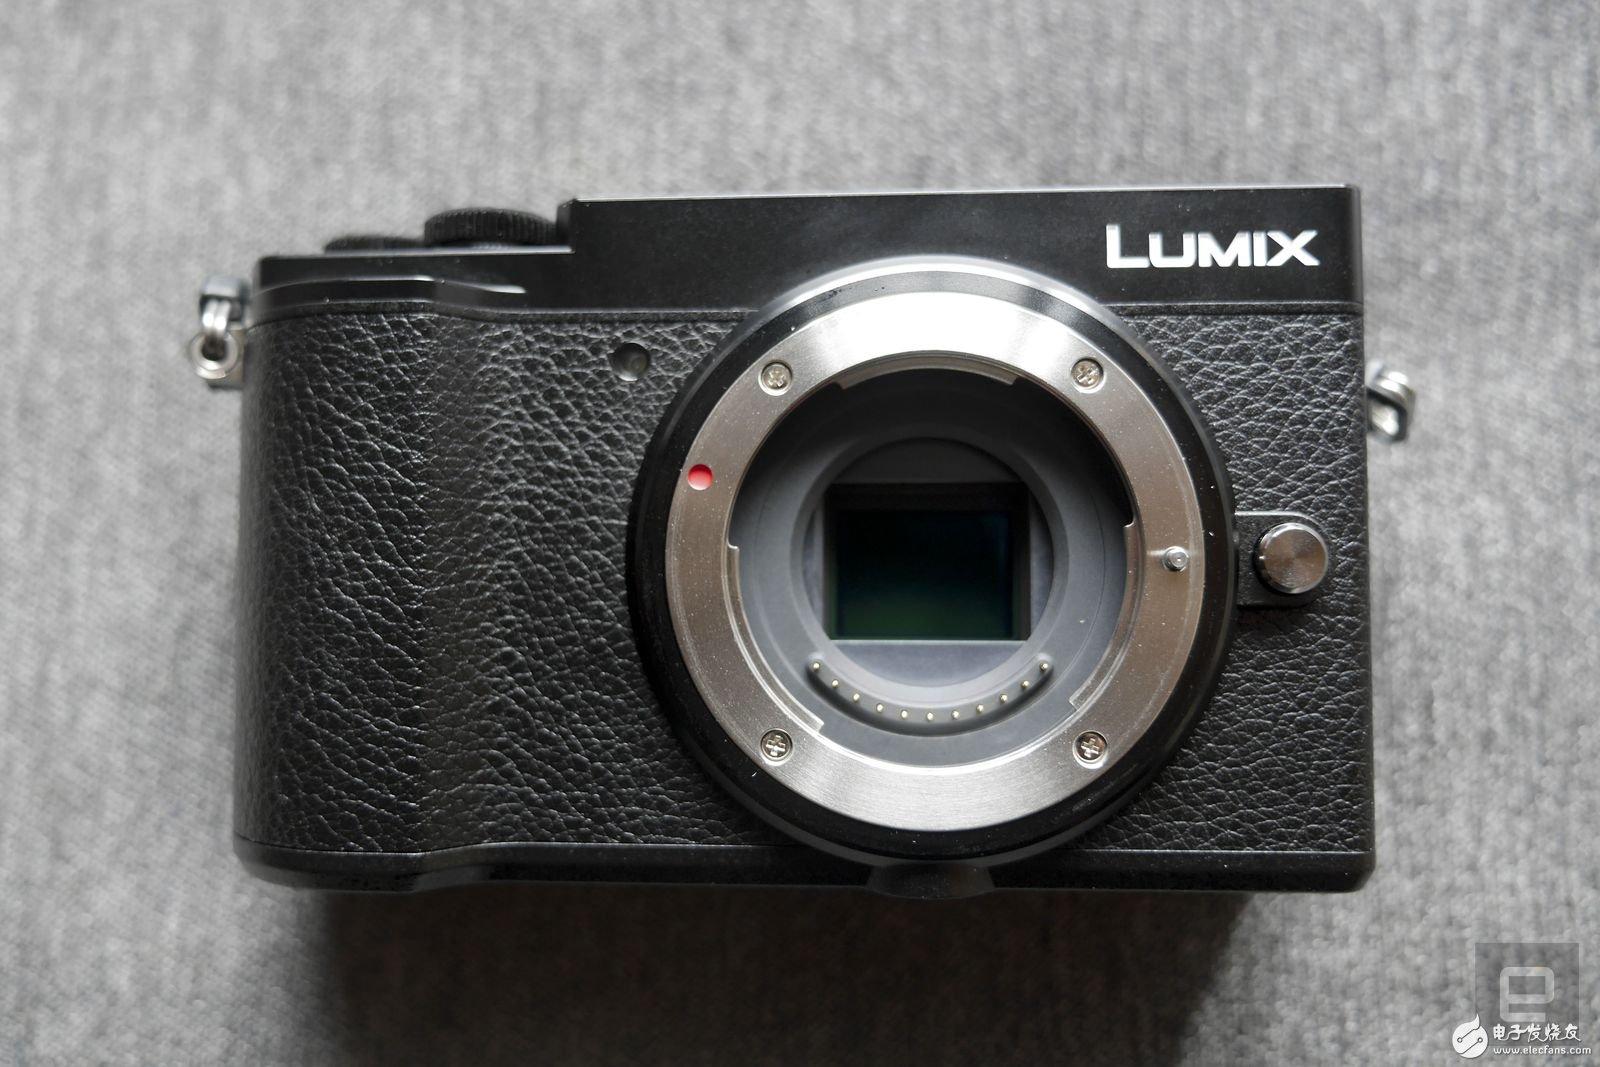 松下LumixGX9评测 回到了属于GX家族原有的初衷